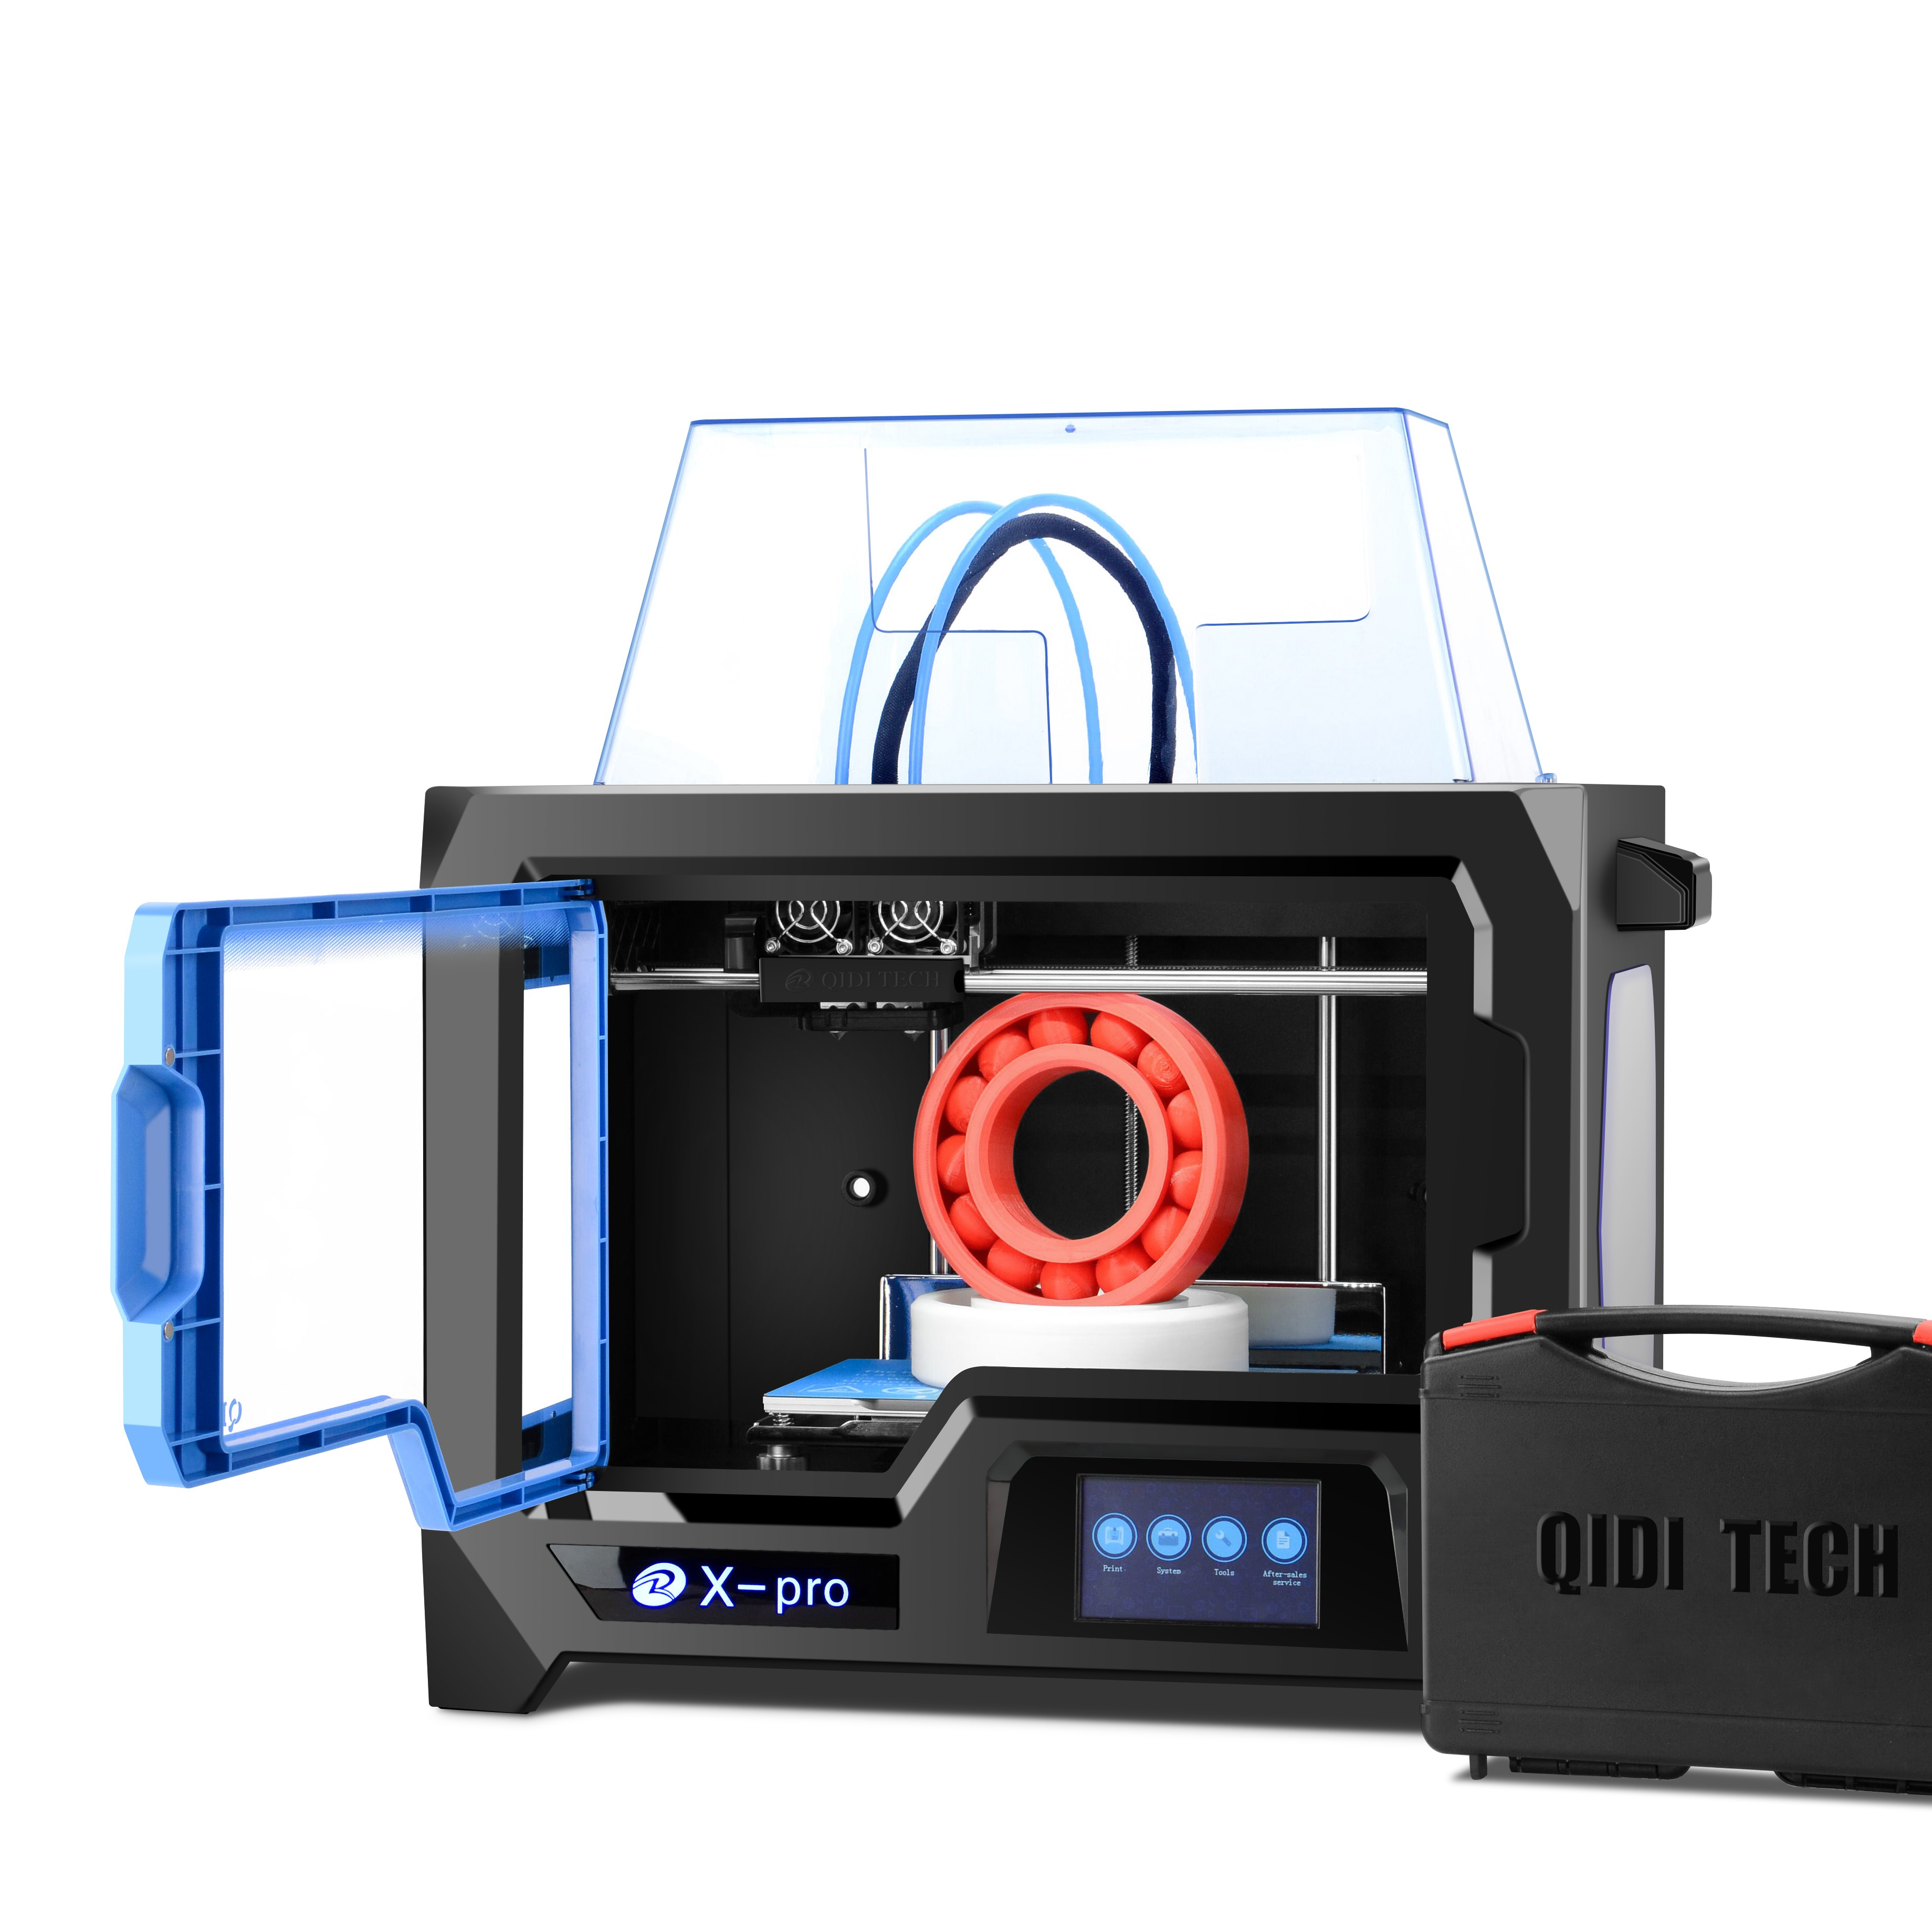 QIDI TECH 3D принтер двойной экструдер 3D принтер X-pro 4,3 дюймов сенсорный экран wifi/lan соединение 200*150*150 мм ABS и PLA TPU